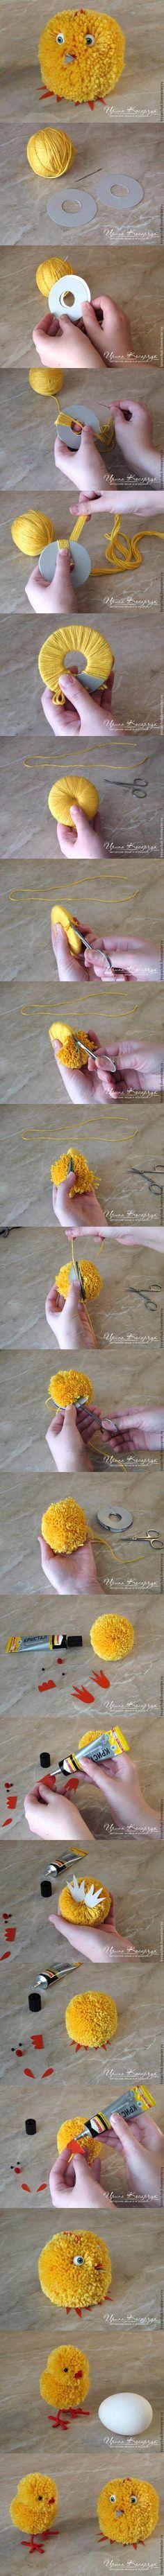 DIY Cute Pom-Pom Easter Chicks #craft #Easter #pompom